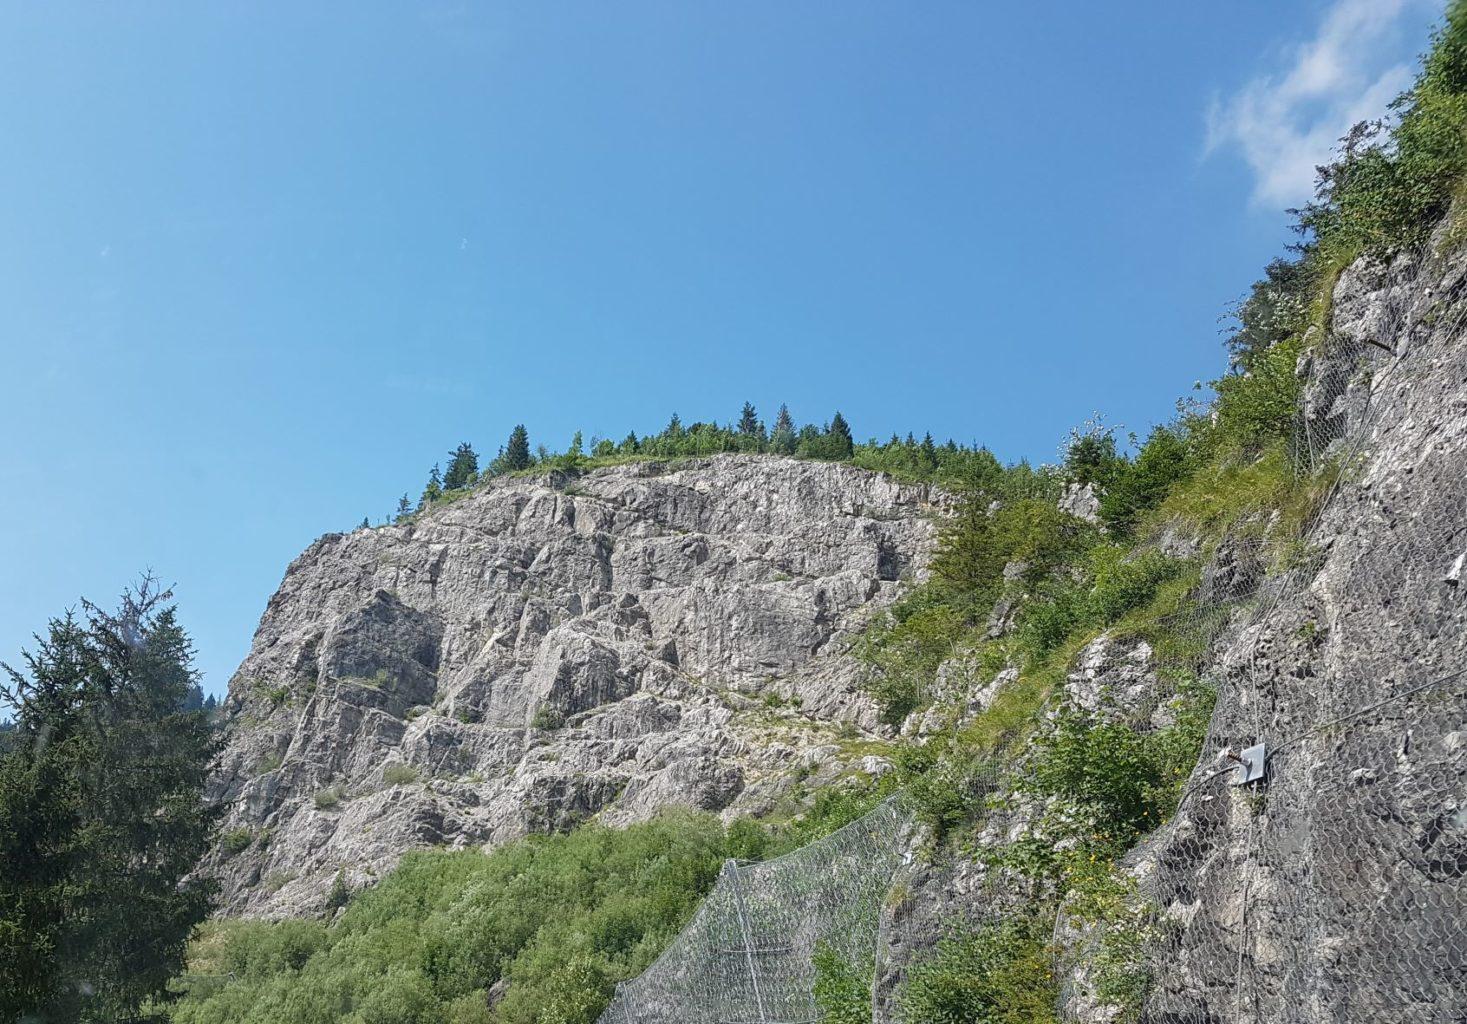 Blick auf den Ostrachtaler Klettersteig